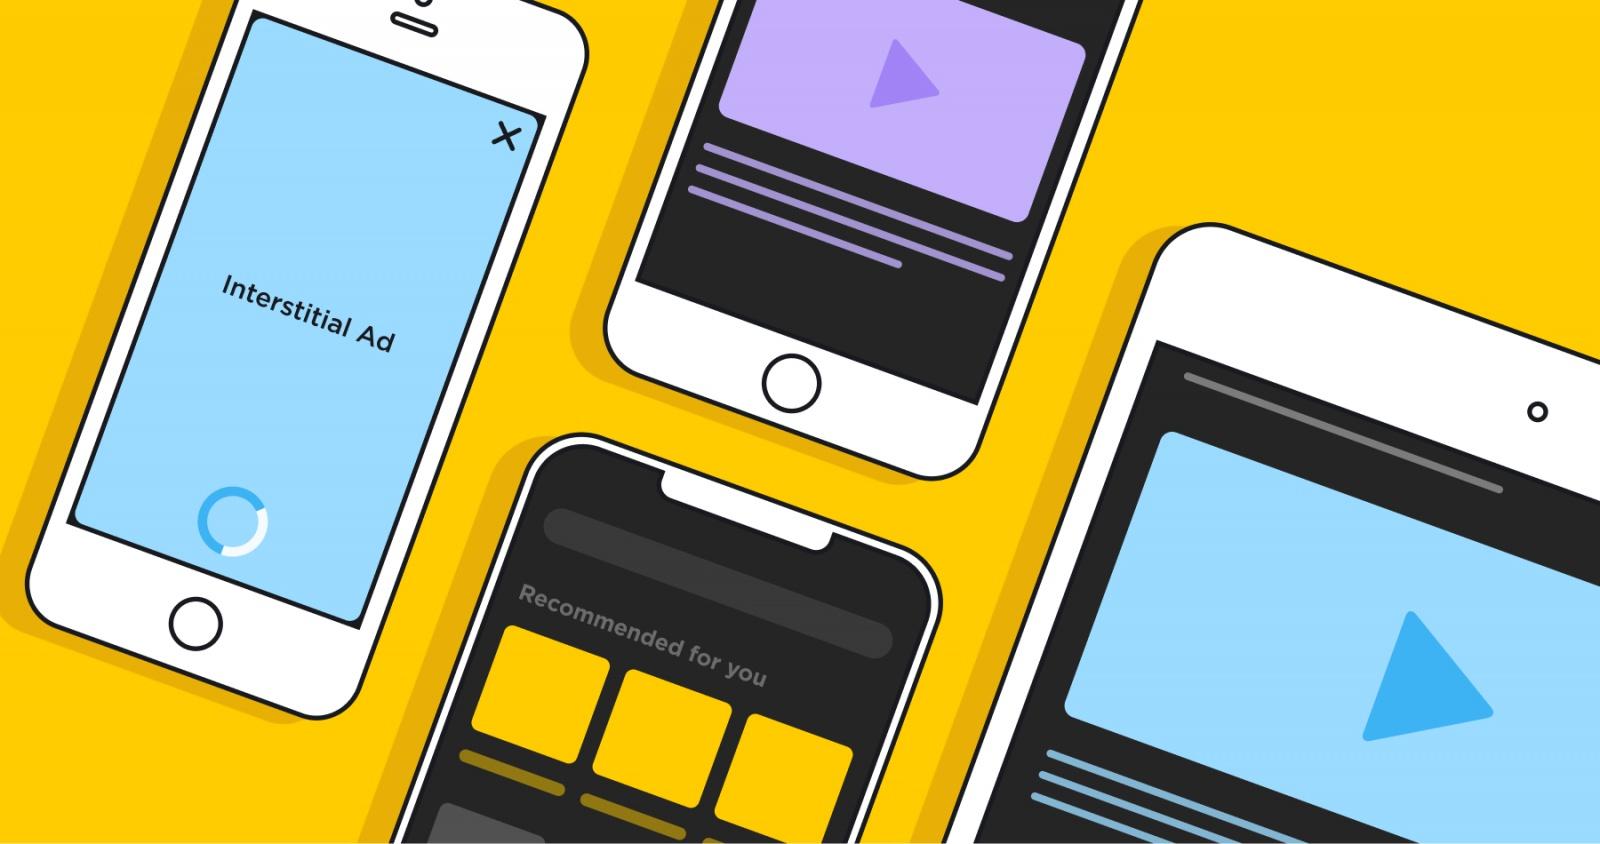 Гайд по мобильной рекламе для тех, кто задумался о монетизации - 1